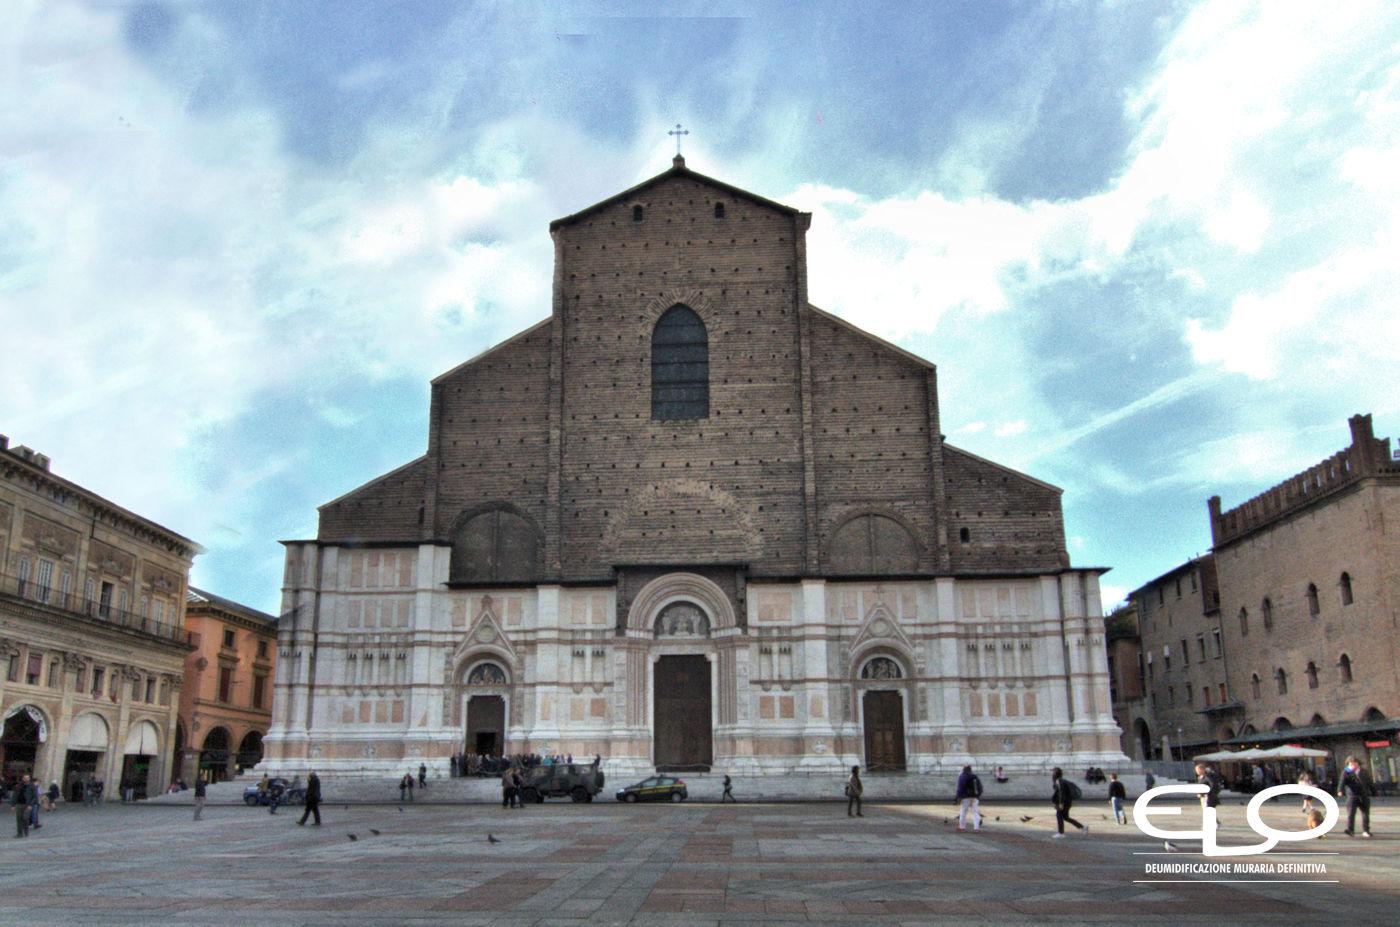 Umidità negli edifici storici Basilica di San Petronio